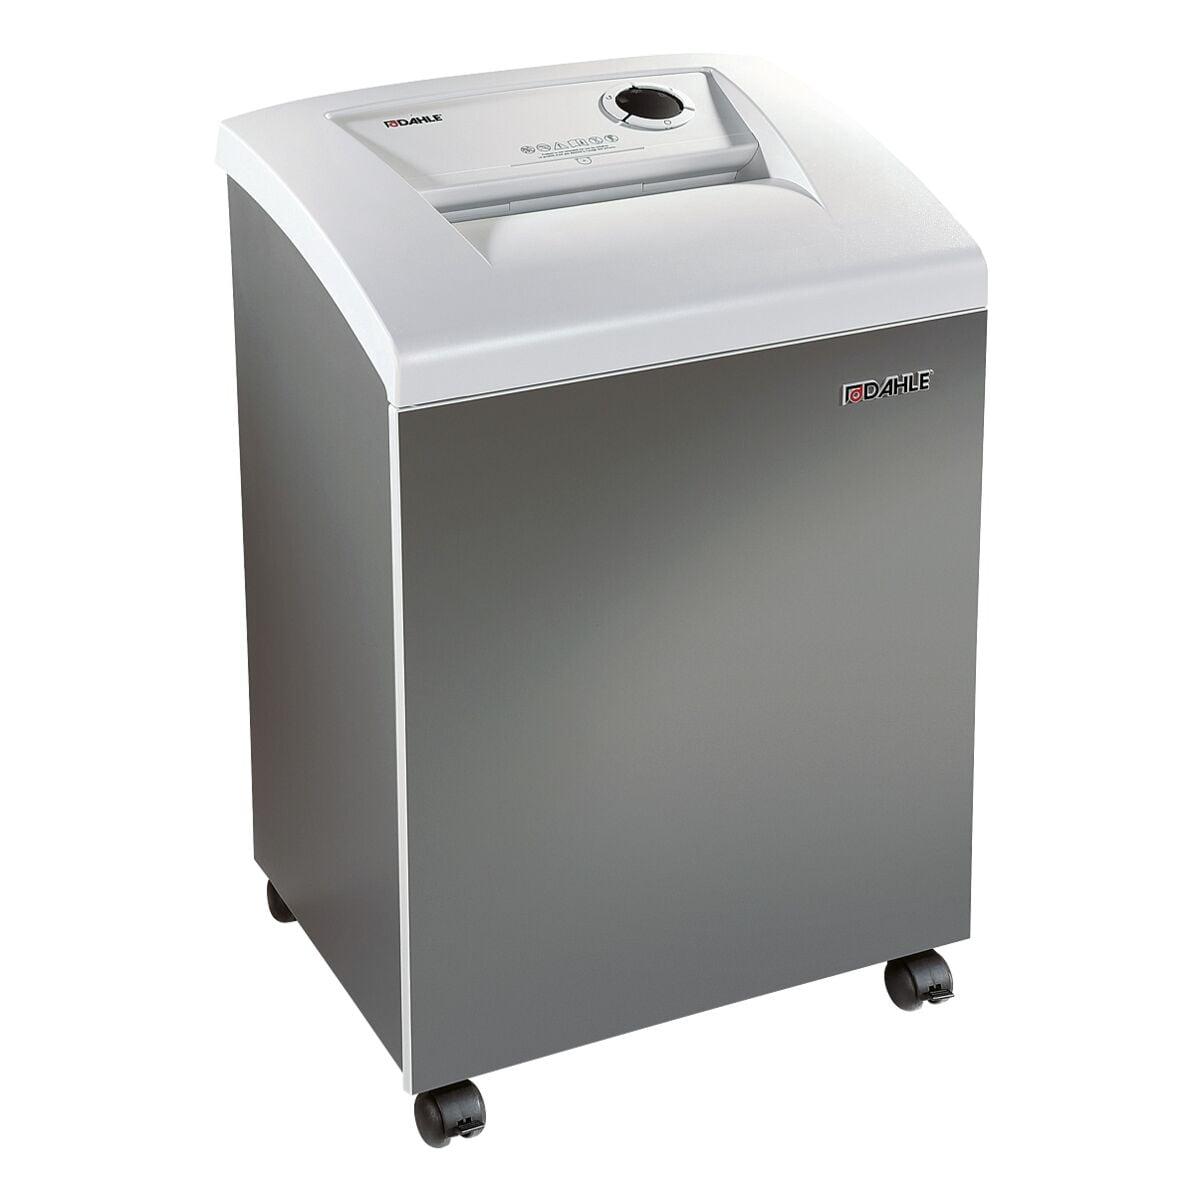 Aktenvernichter Dahle 106air CleanTEC®, Sicherheitsstufe 2, Streifenschnitt (5,8 mm) bis 22 Blatt